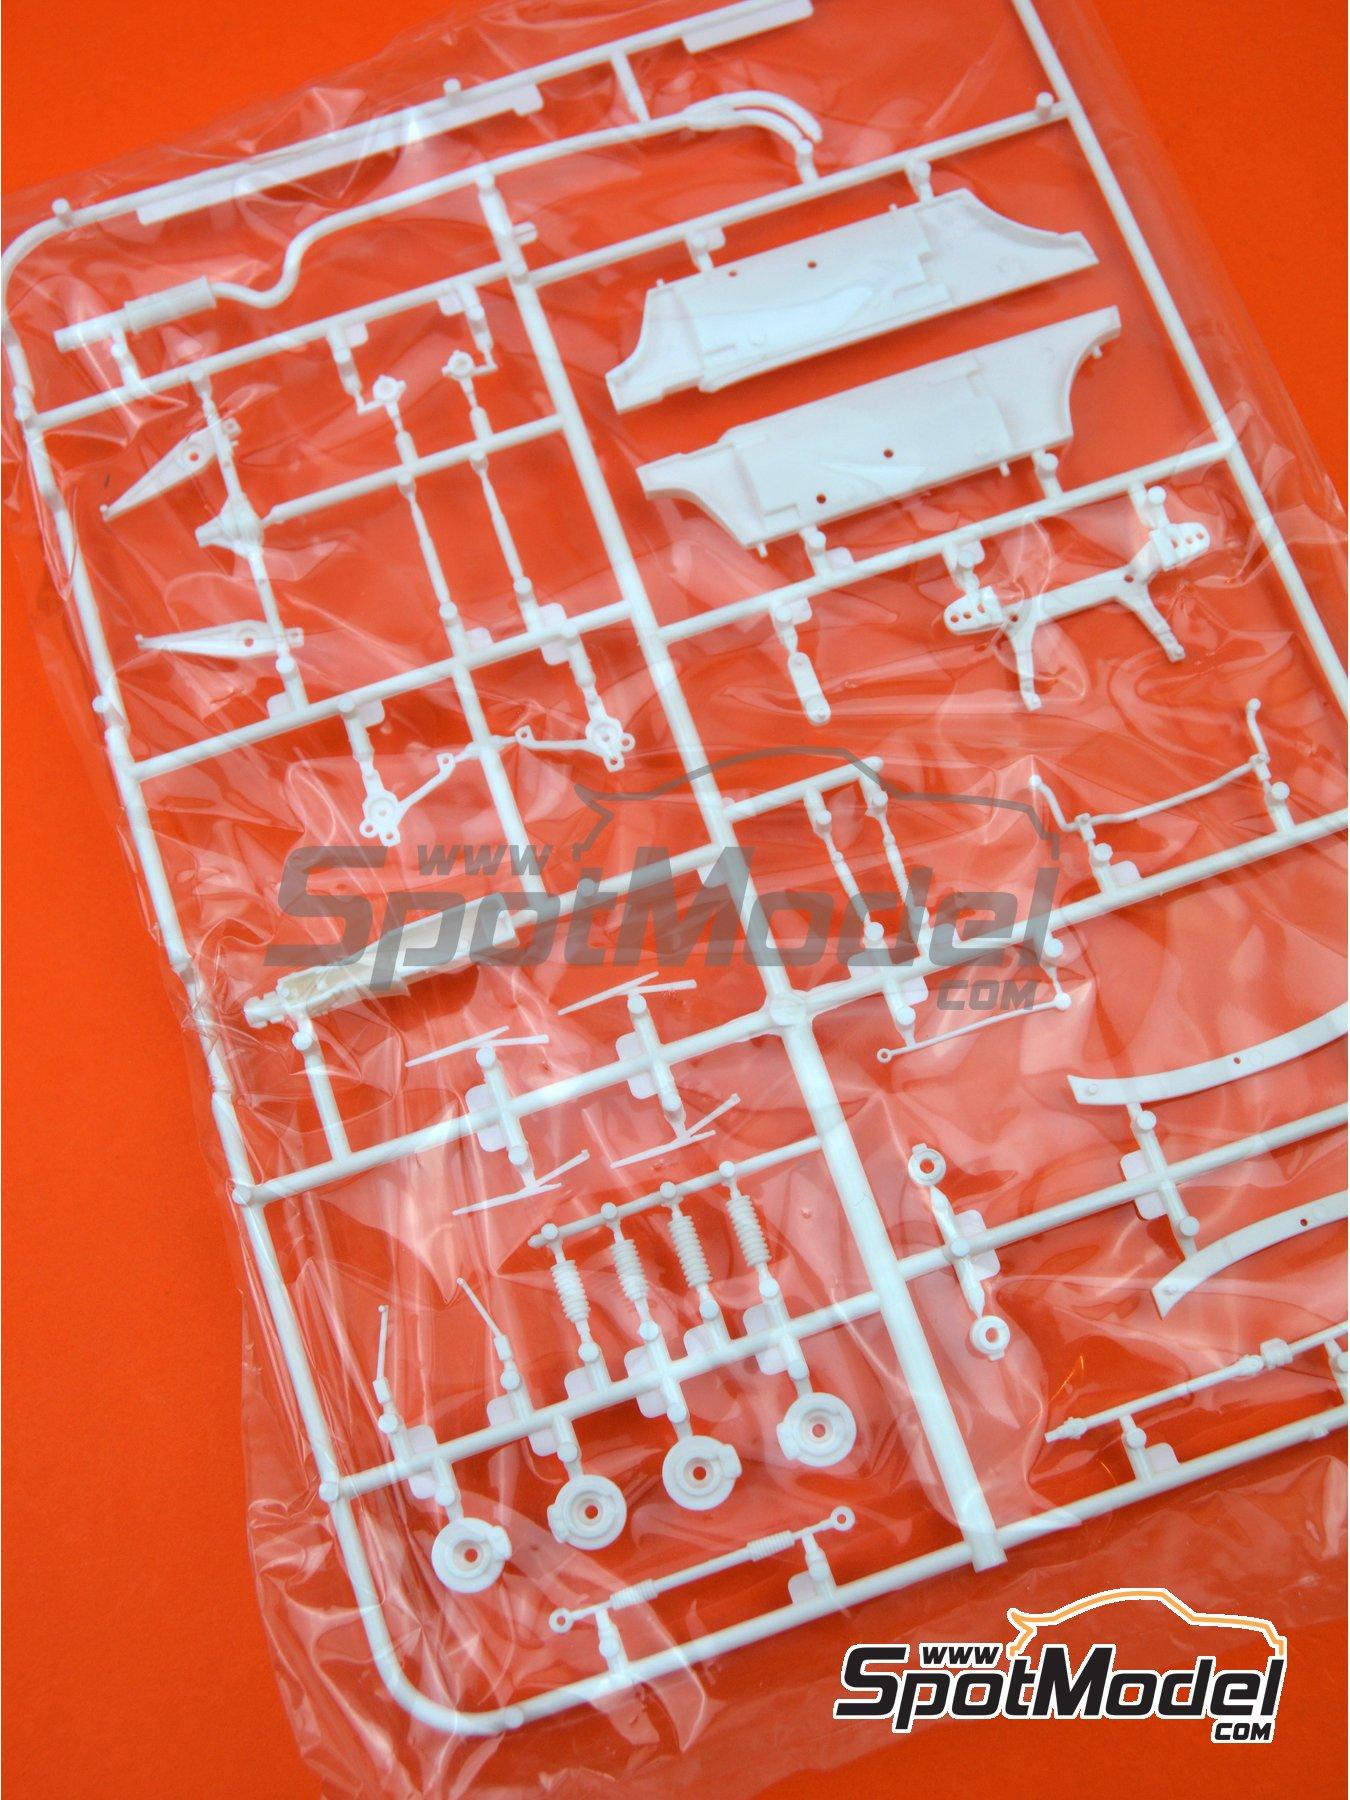 Opel Manta 400 Grupo B: Piezas F | Pieza de reemplazo en escala1/24 fabricado por Belkits (ref.BEL008-SPRUE-F) image